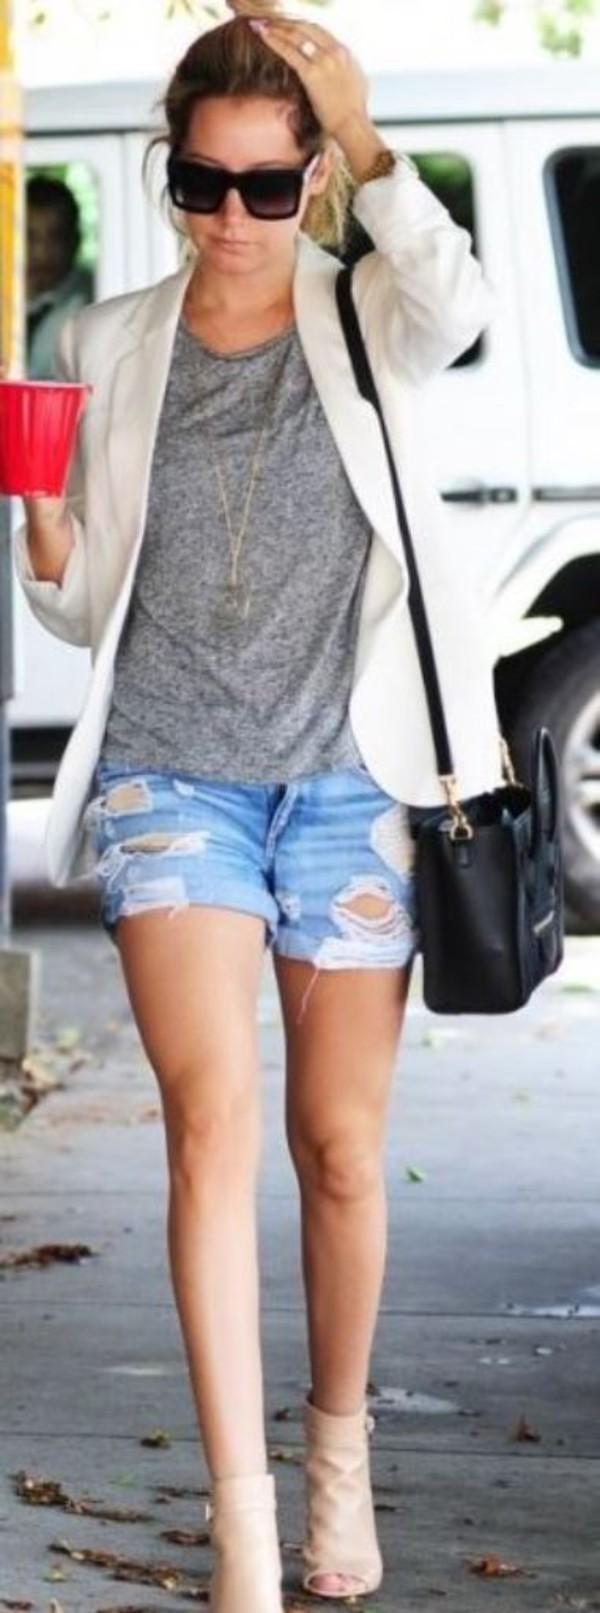 shorts ashley tisdale shoes